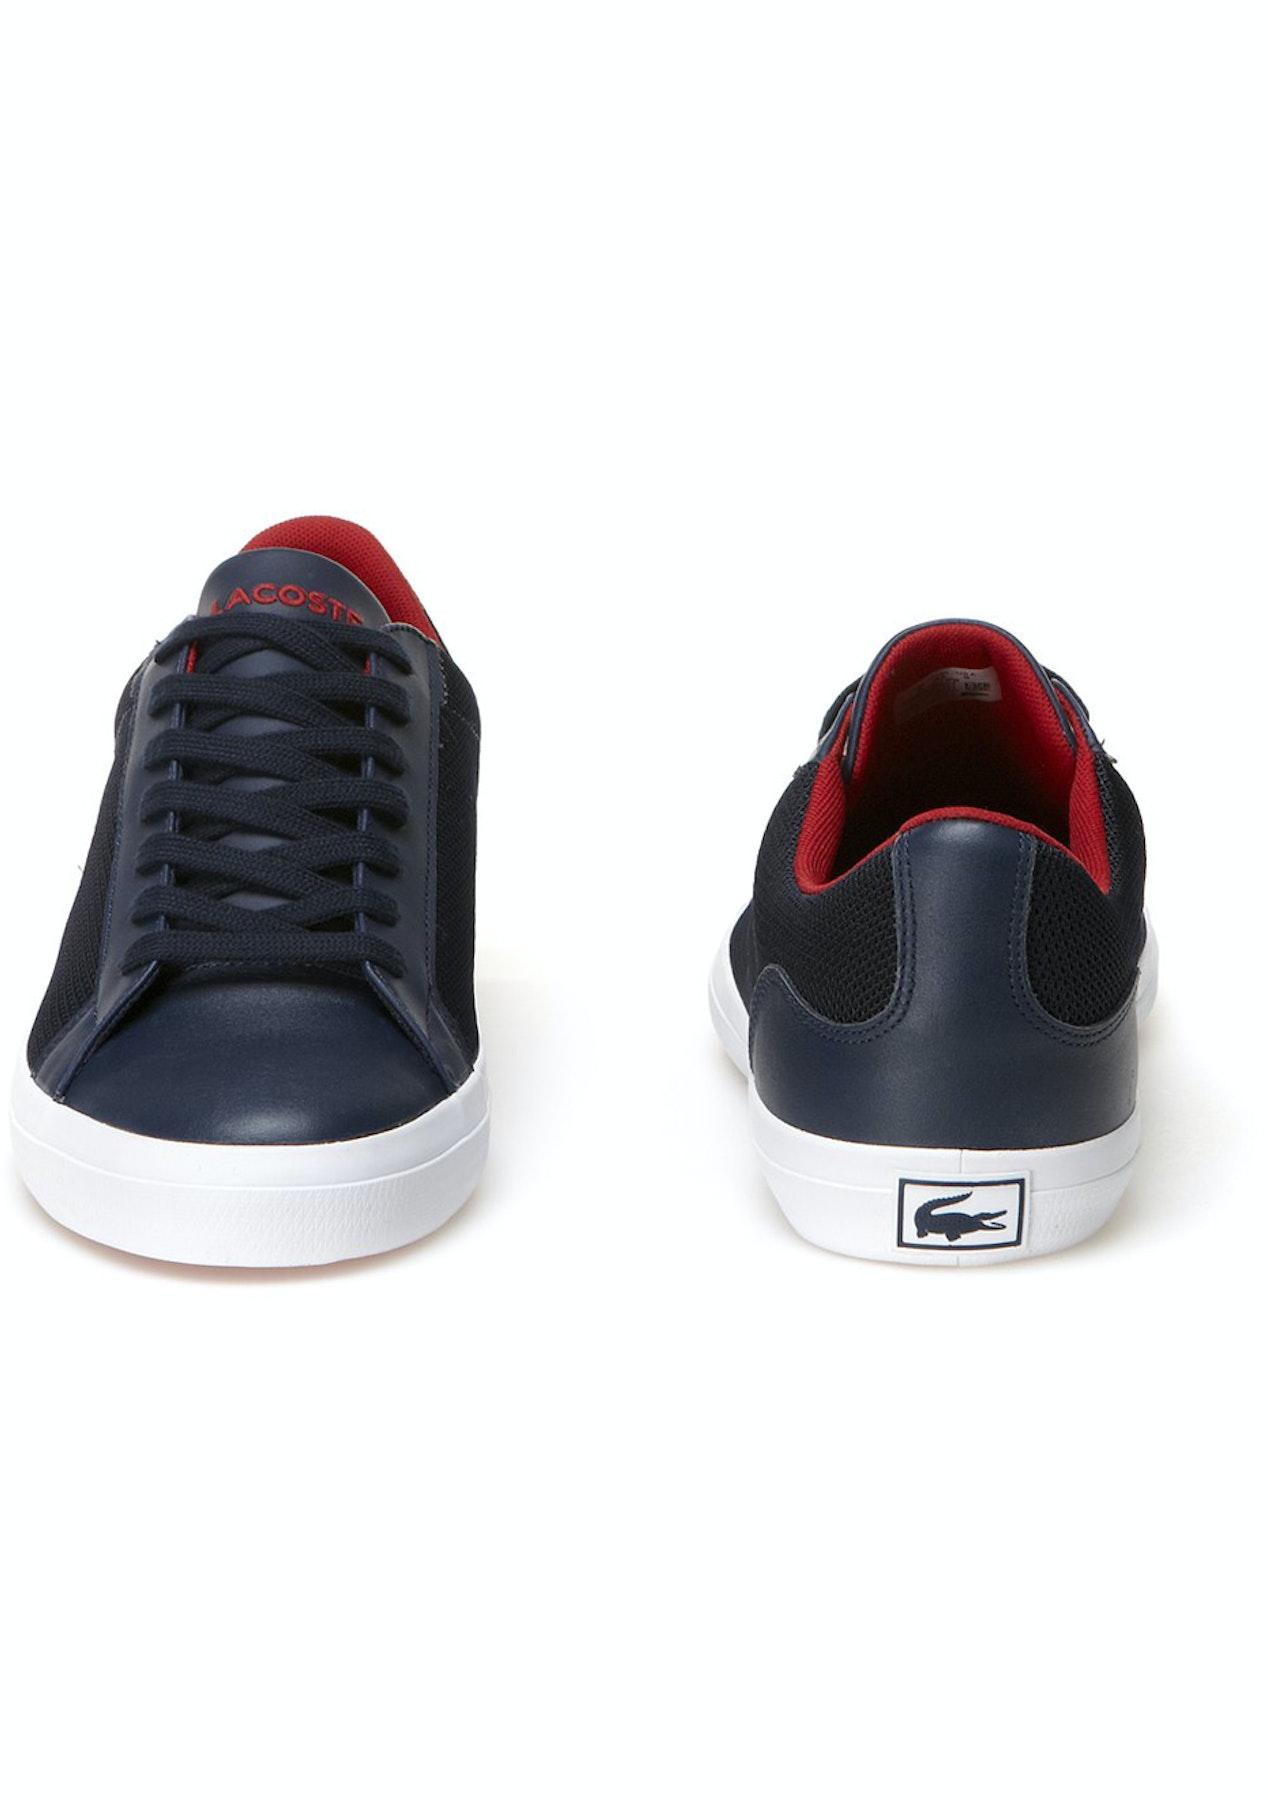 1c44e41759ee3c ... Mens Lacoste - Lerond 116 1 Spm - Navy - Mens Shoe Sale - Onceit pretty  ...